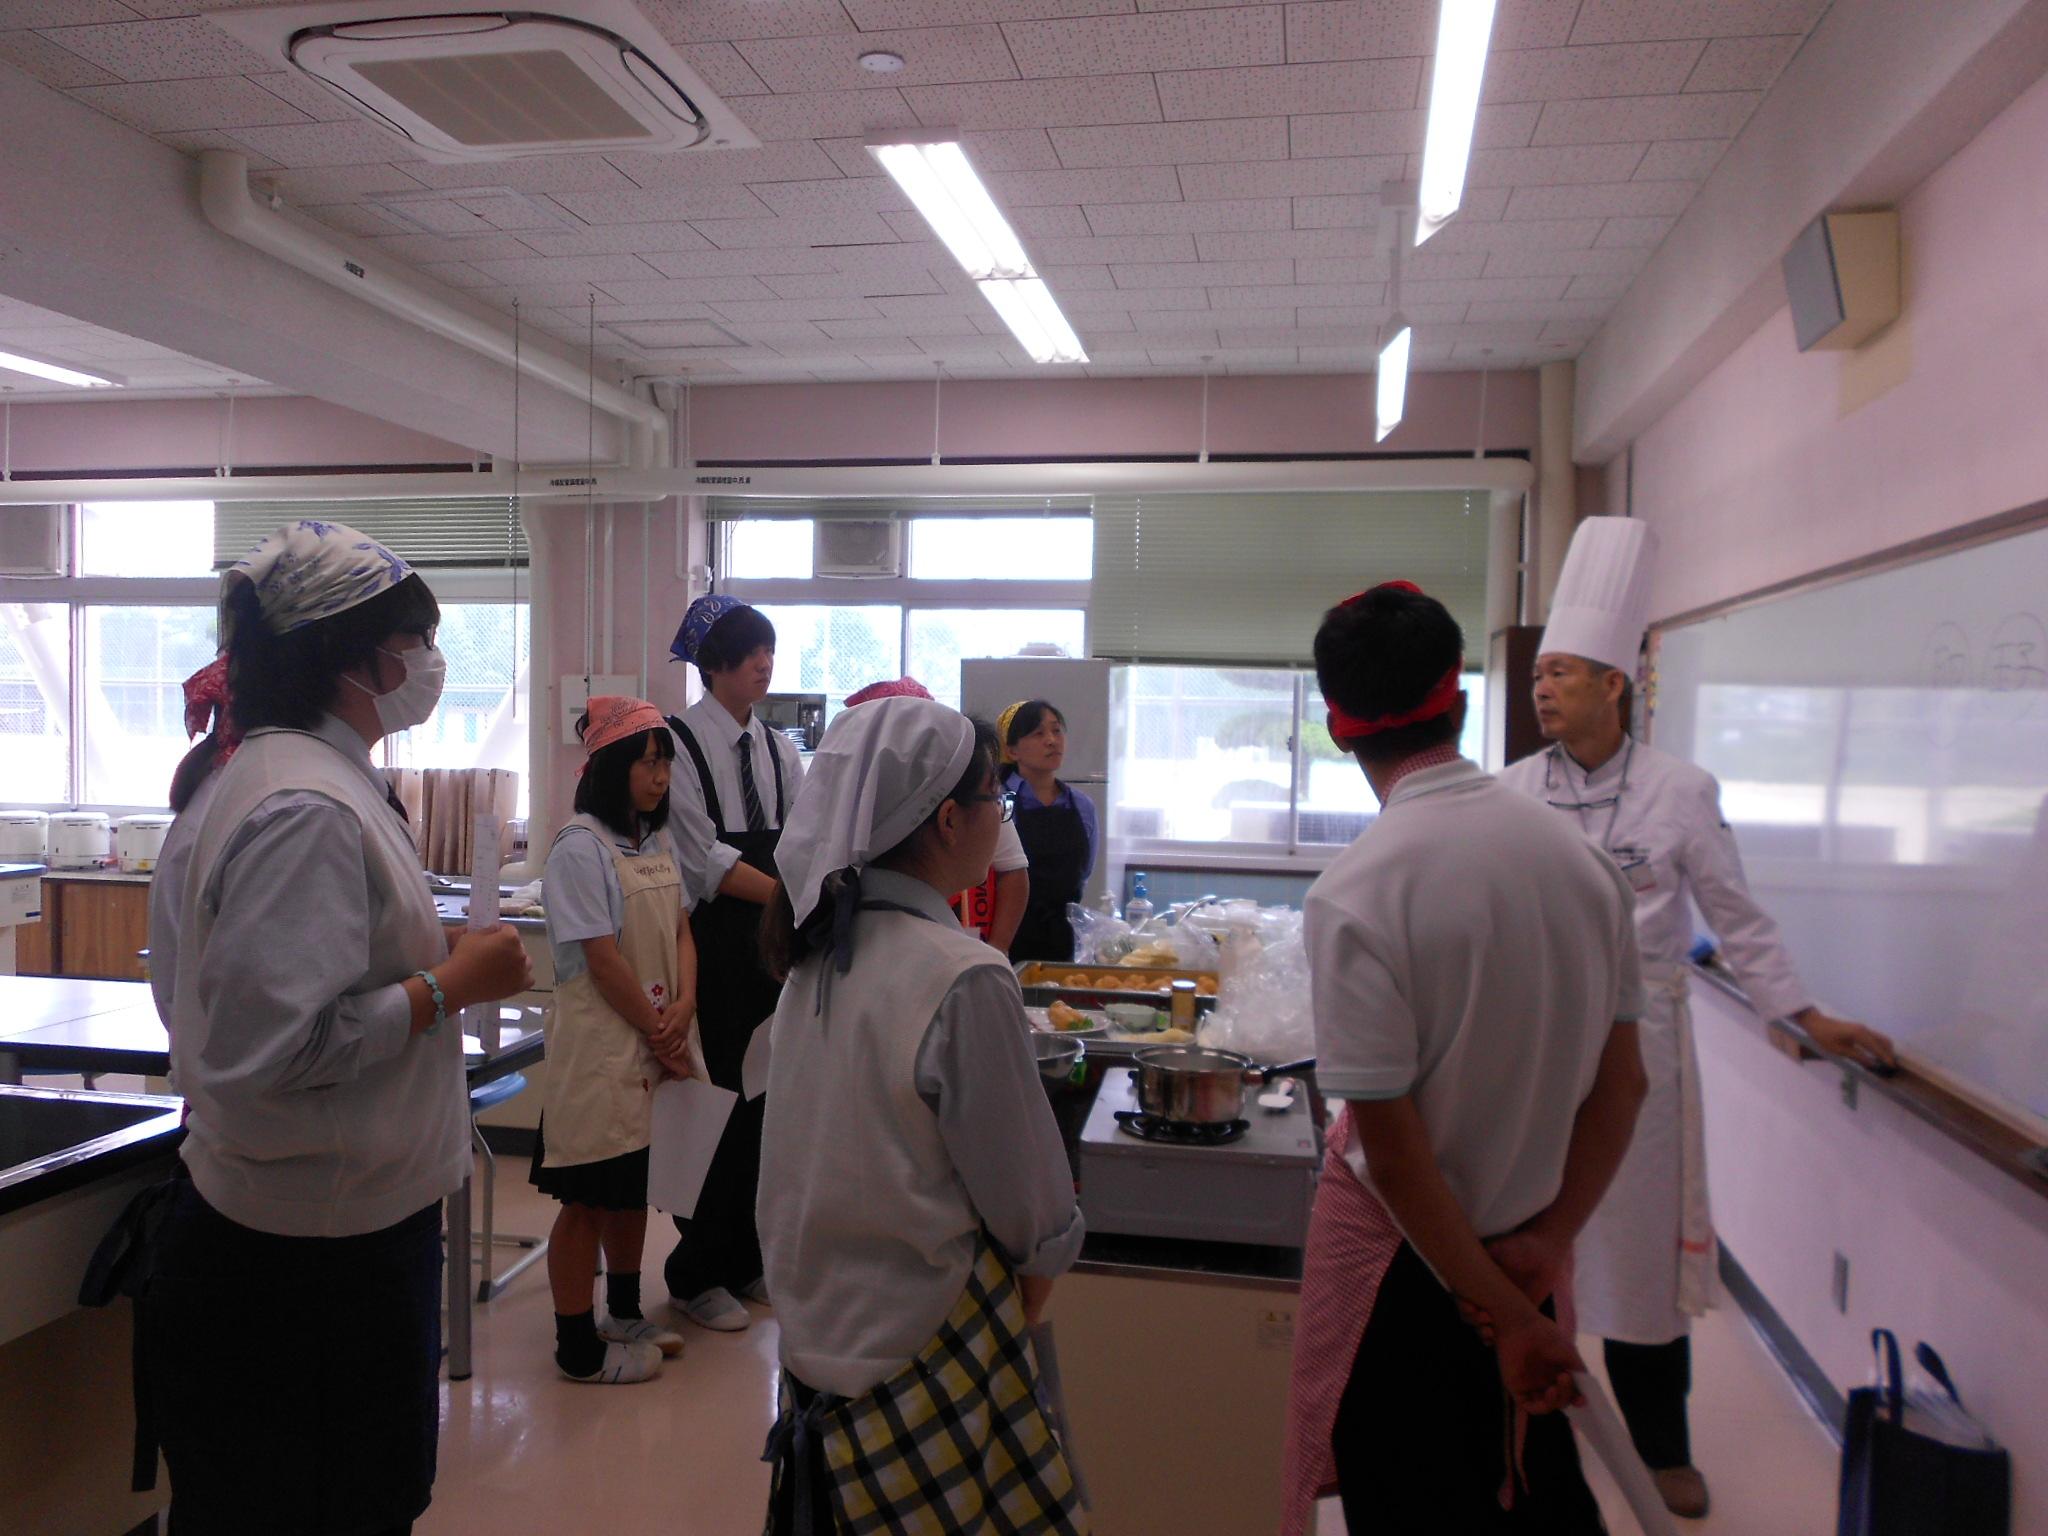 中芸高等学校 - 高知県 公立